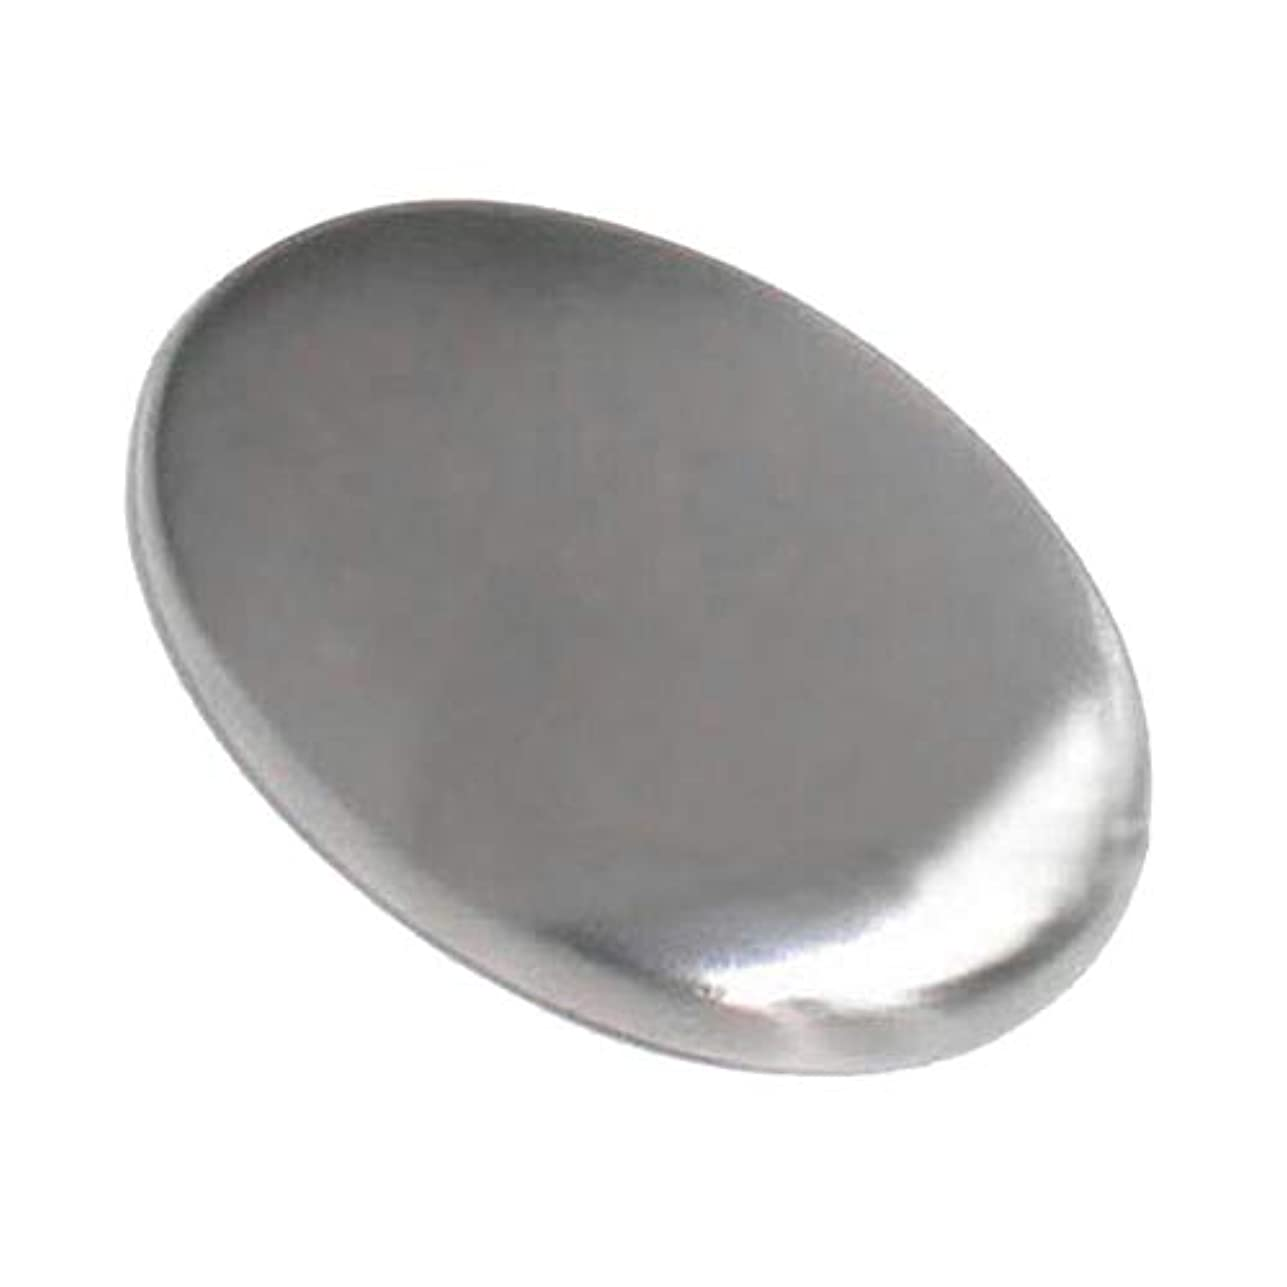 かなり出発以上Hillrong ステンレスソープ ステンレス石鹸 においとりソープ 円形 臭い取り 異臭を取り除く 台所用具